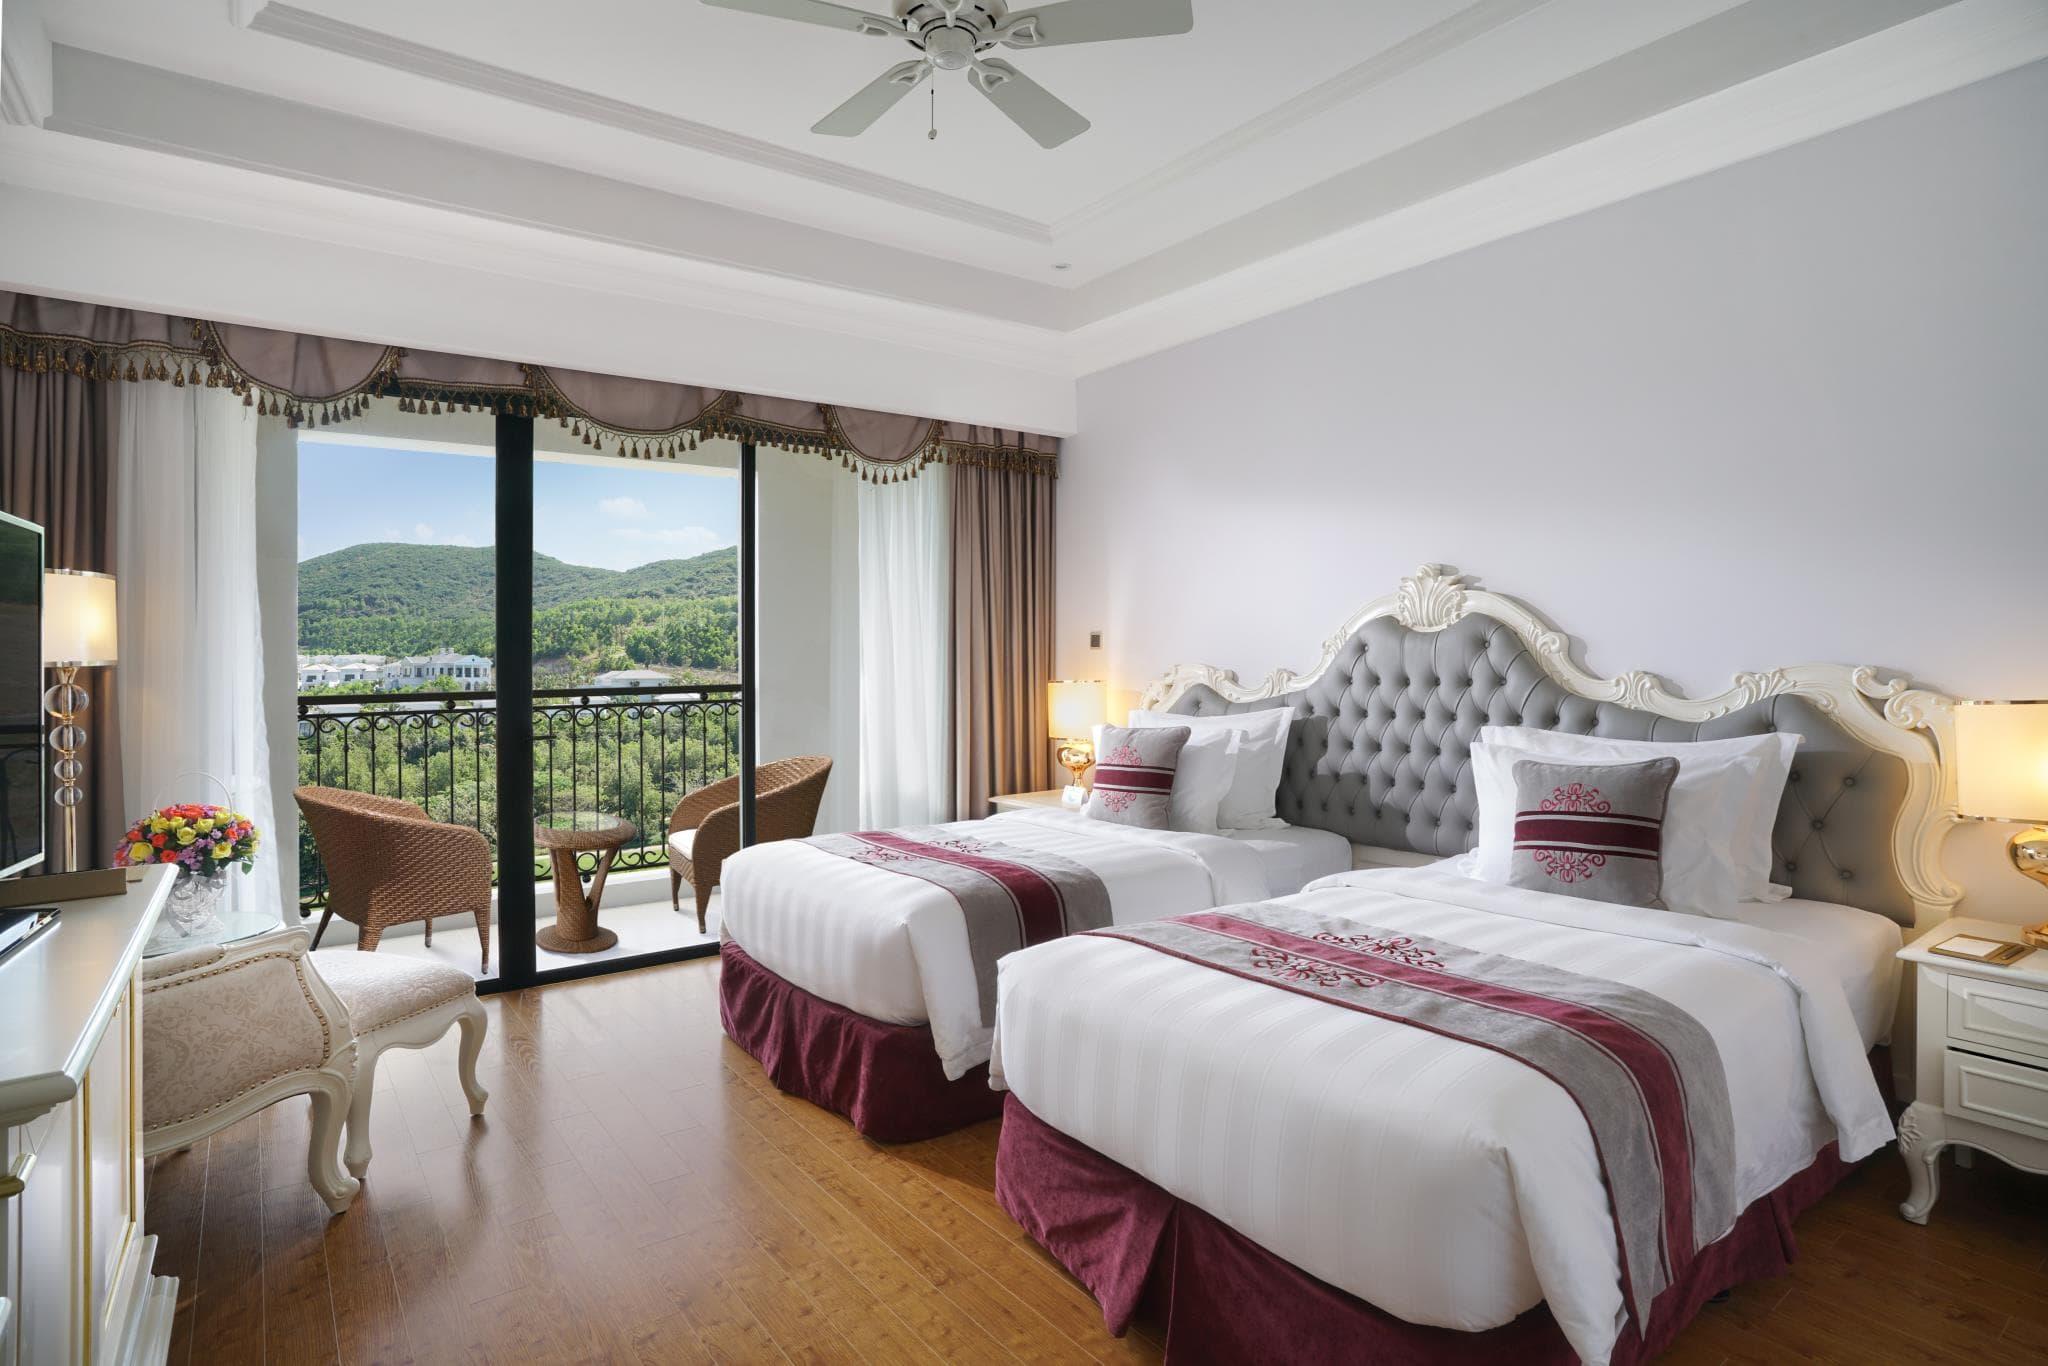 Resort Nha Trang Cho Gia Đình - Vinpearl Discovery 1 Nha Trang